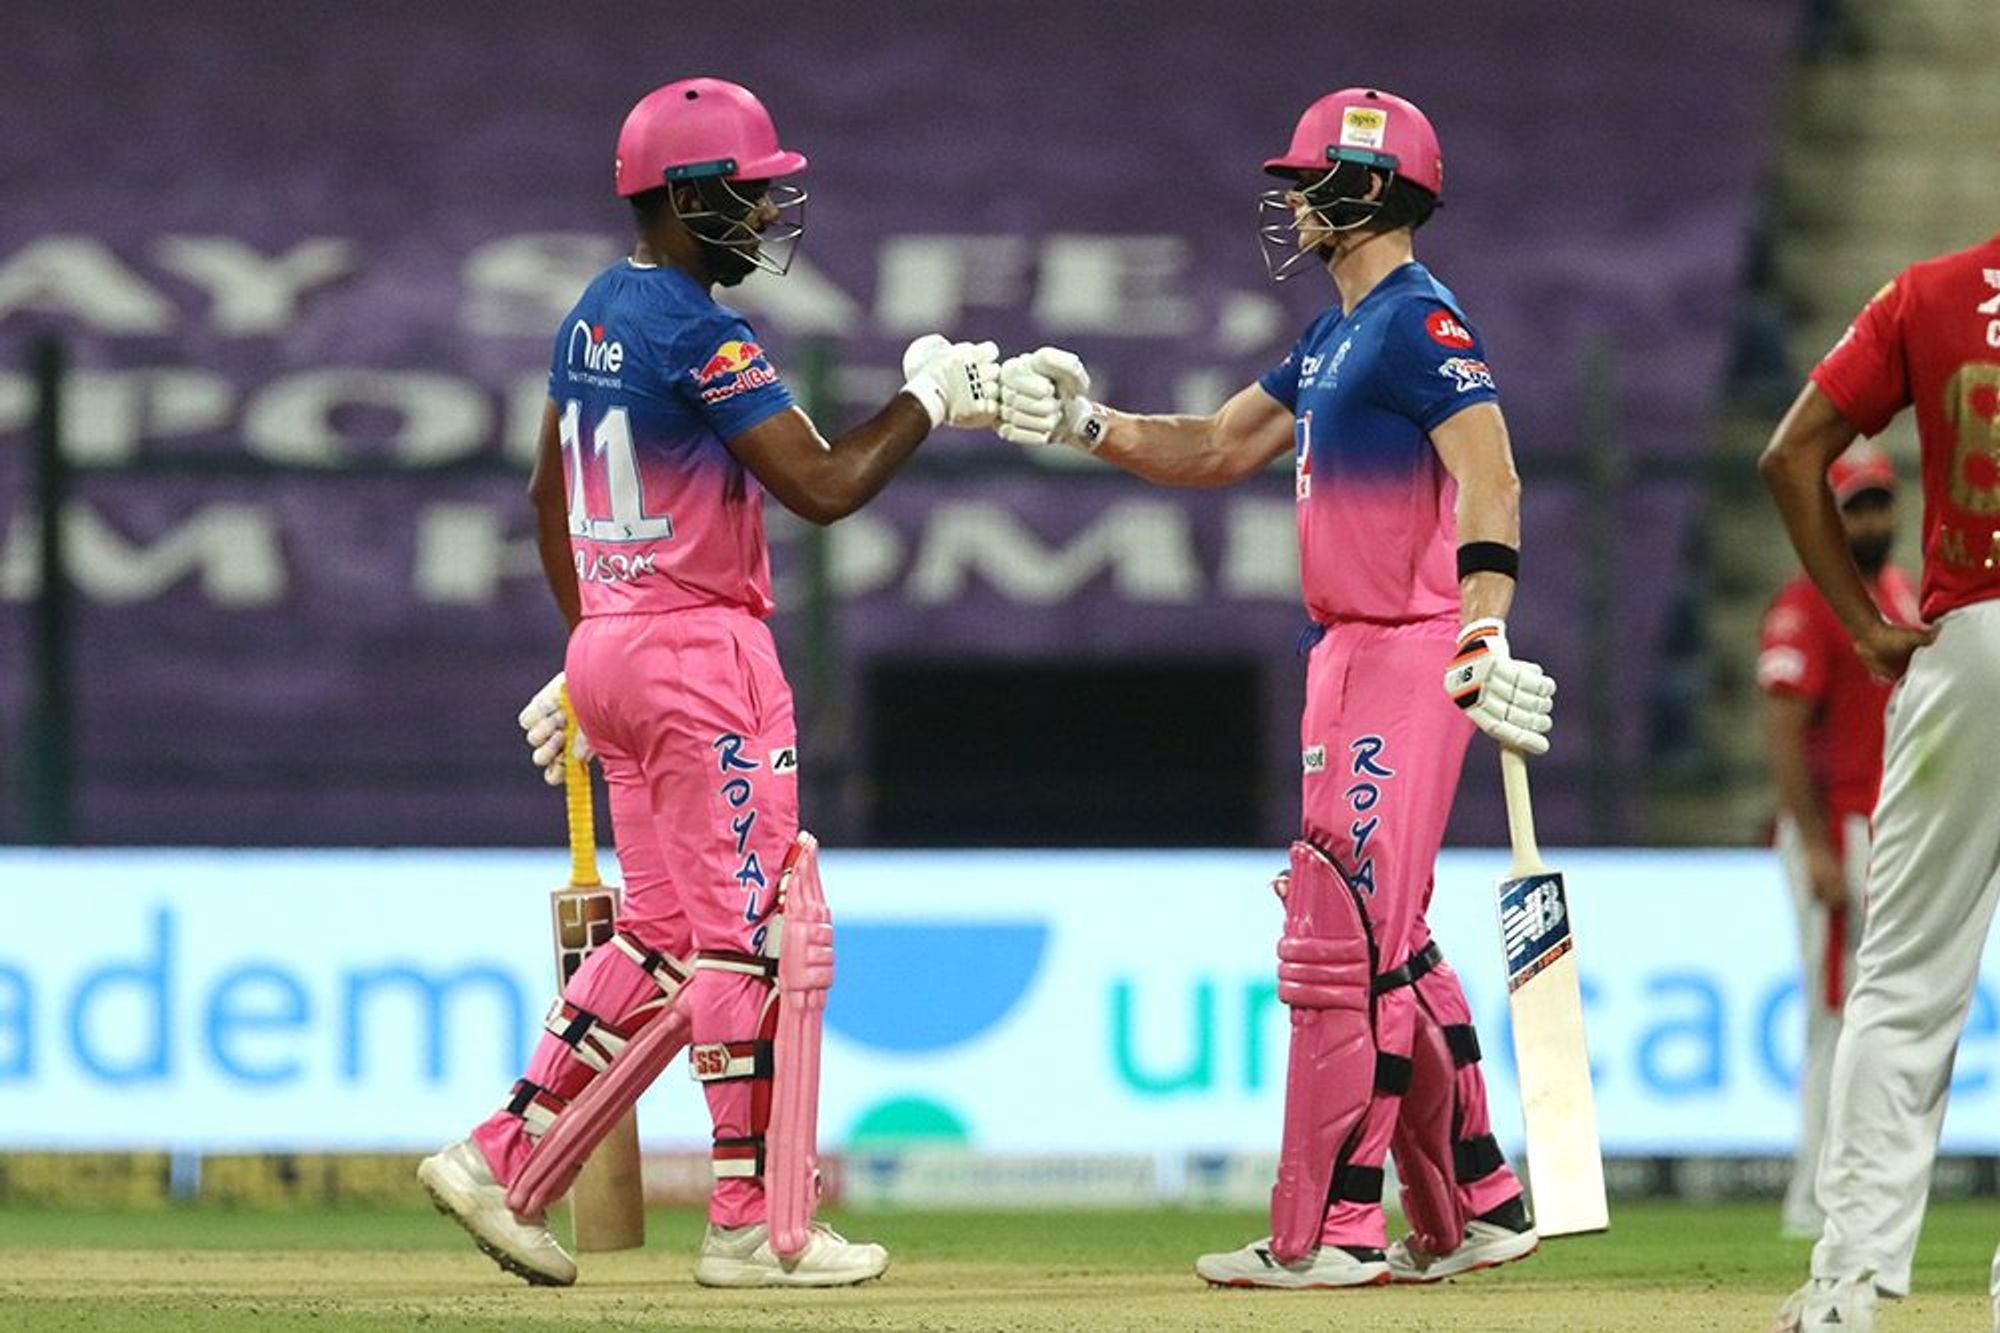 KXIPvsRR: राजस्थान की जीत के साथ सोशल मीडिया पर रहा बेन स्टोक्स और क्रिस गेल का जलवा 2